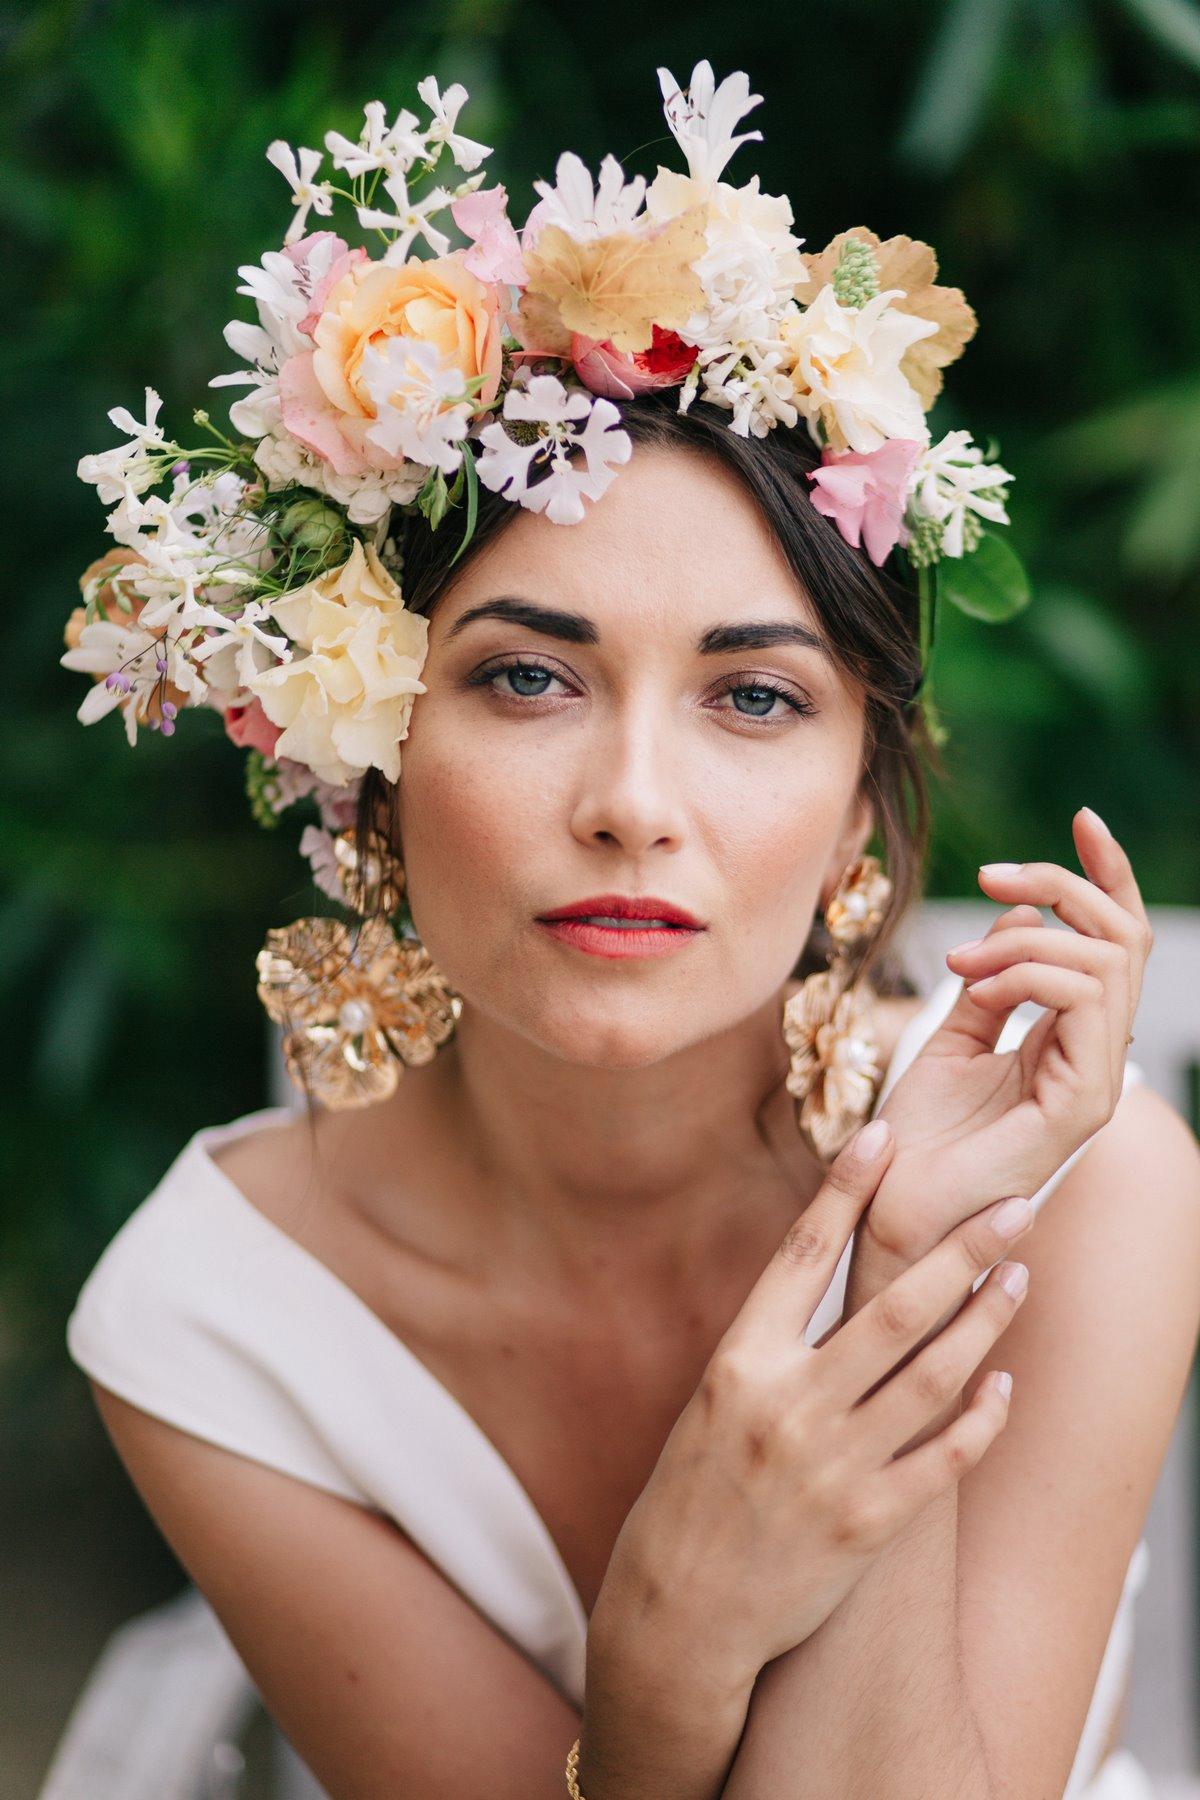 Lendemain de mariage, shooting éditorial mariage, couronne de fleurs, accessoires de cheveux, portrait mode